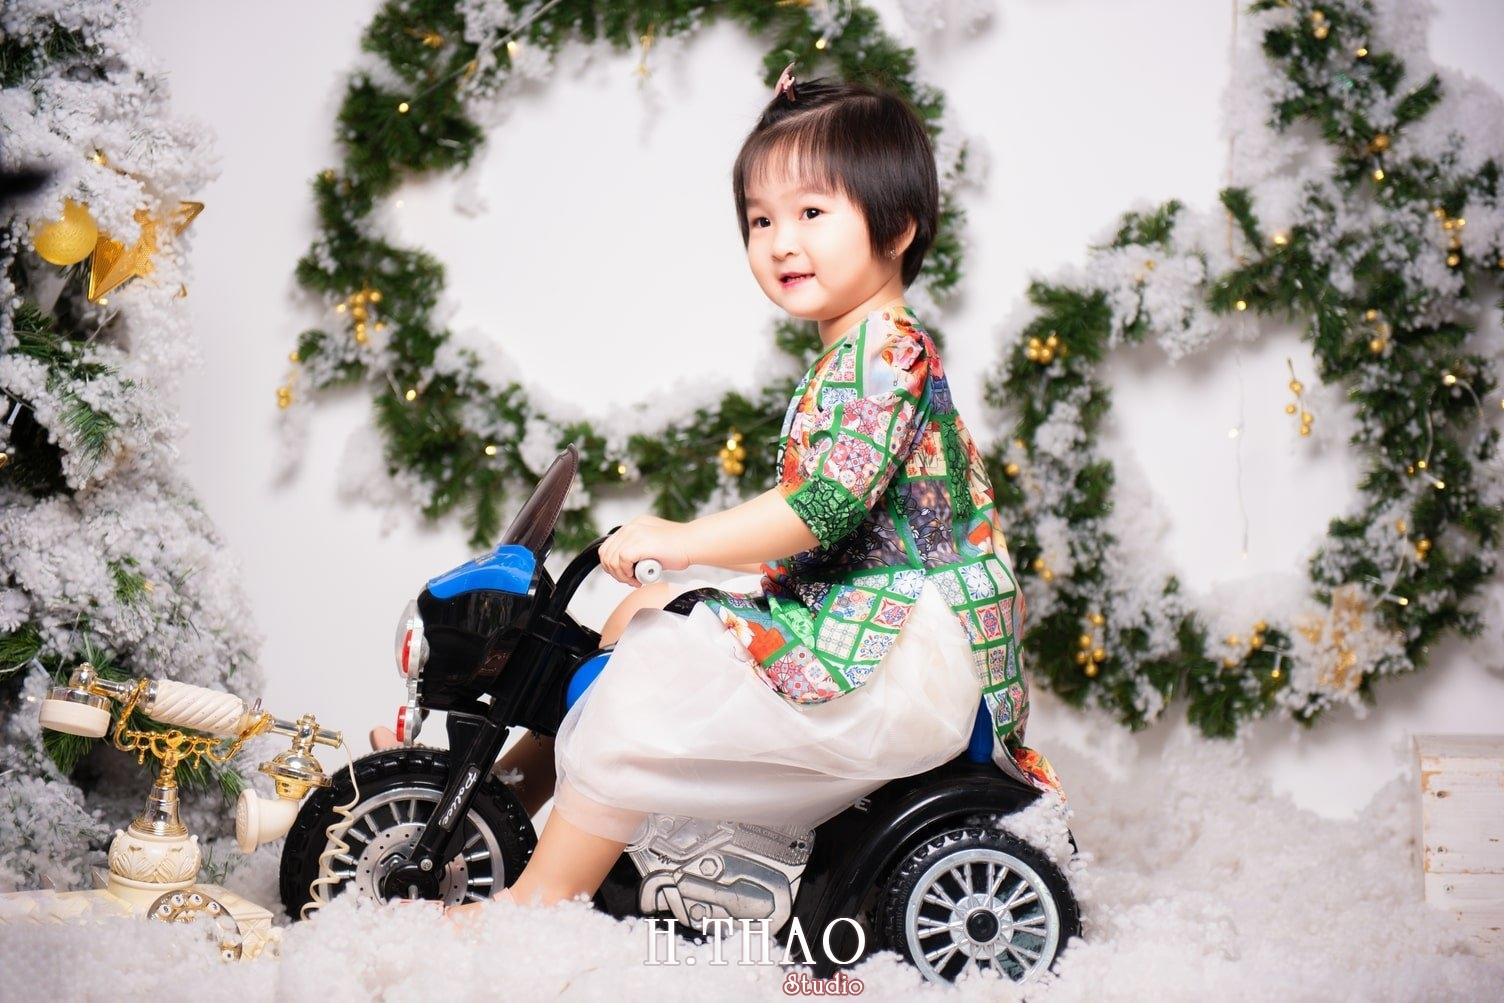 Anh be noel 28 - Album ảnh noel chụp cho con gái cưng chị Linh - HThao Studio